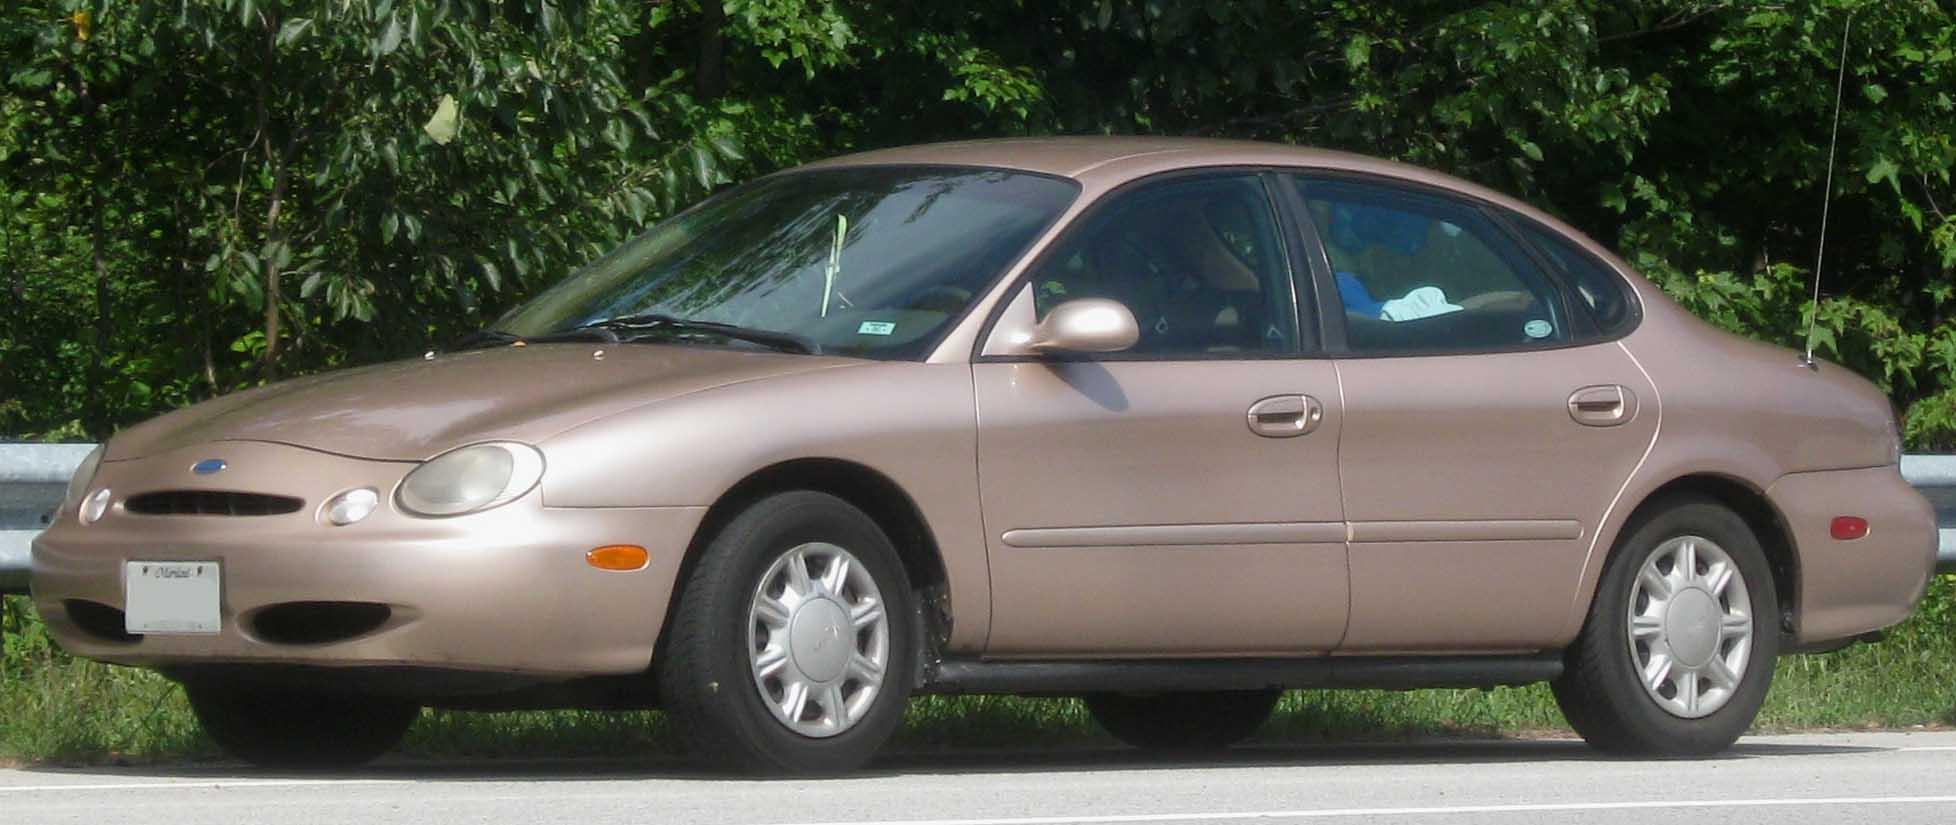 Ford Taurus 2005 foto - 4